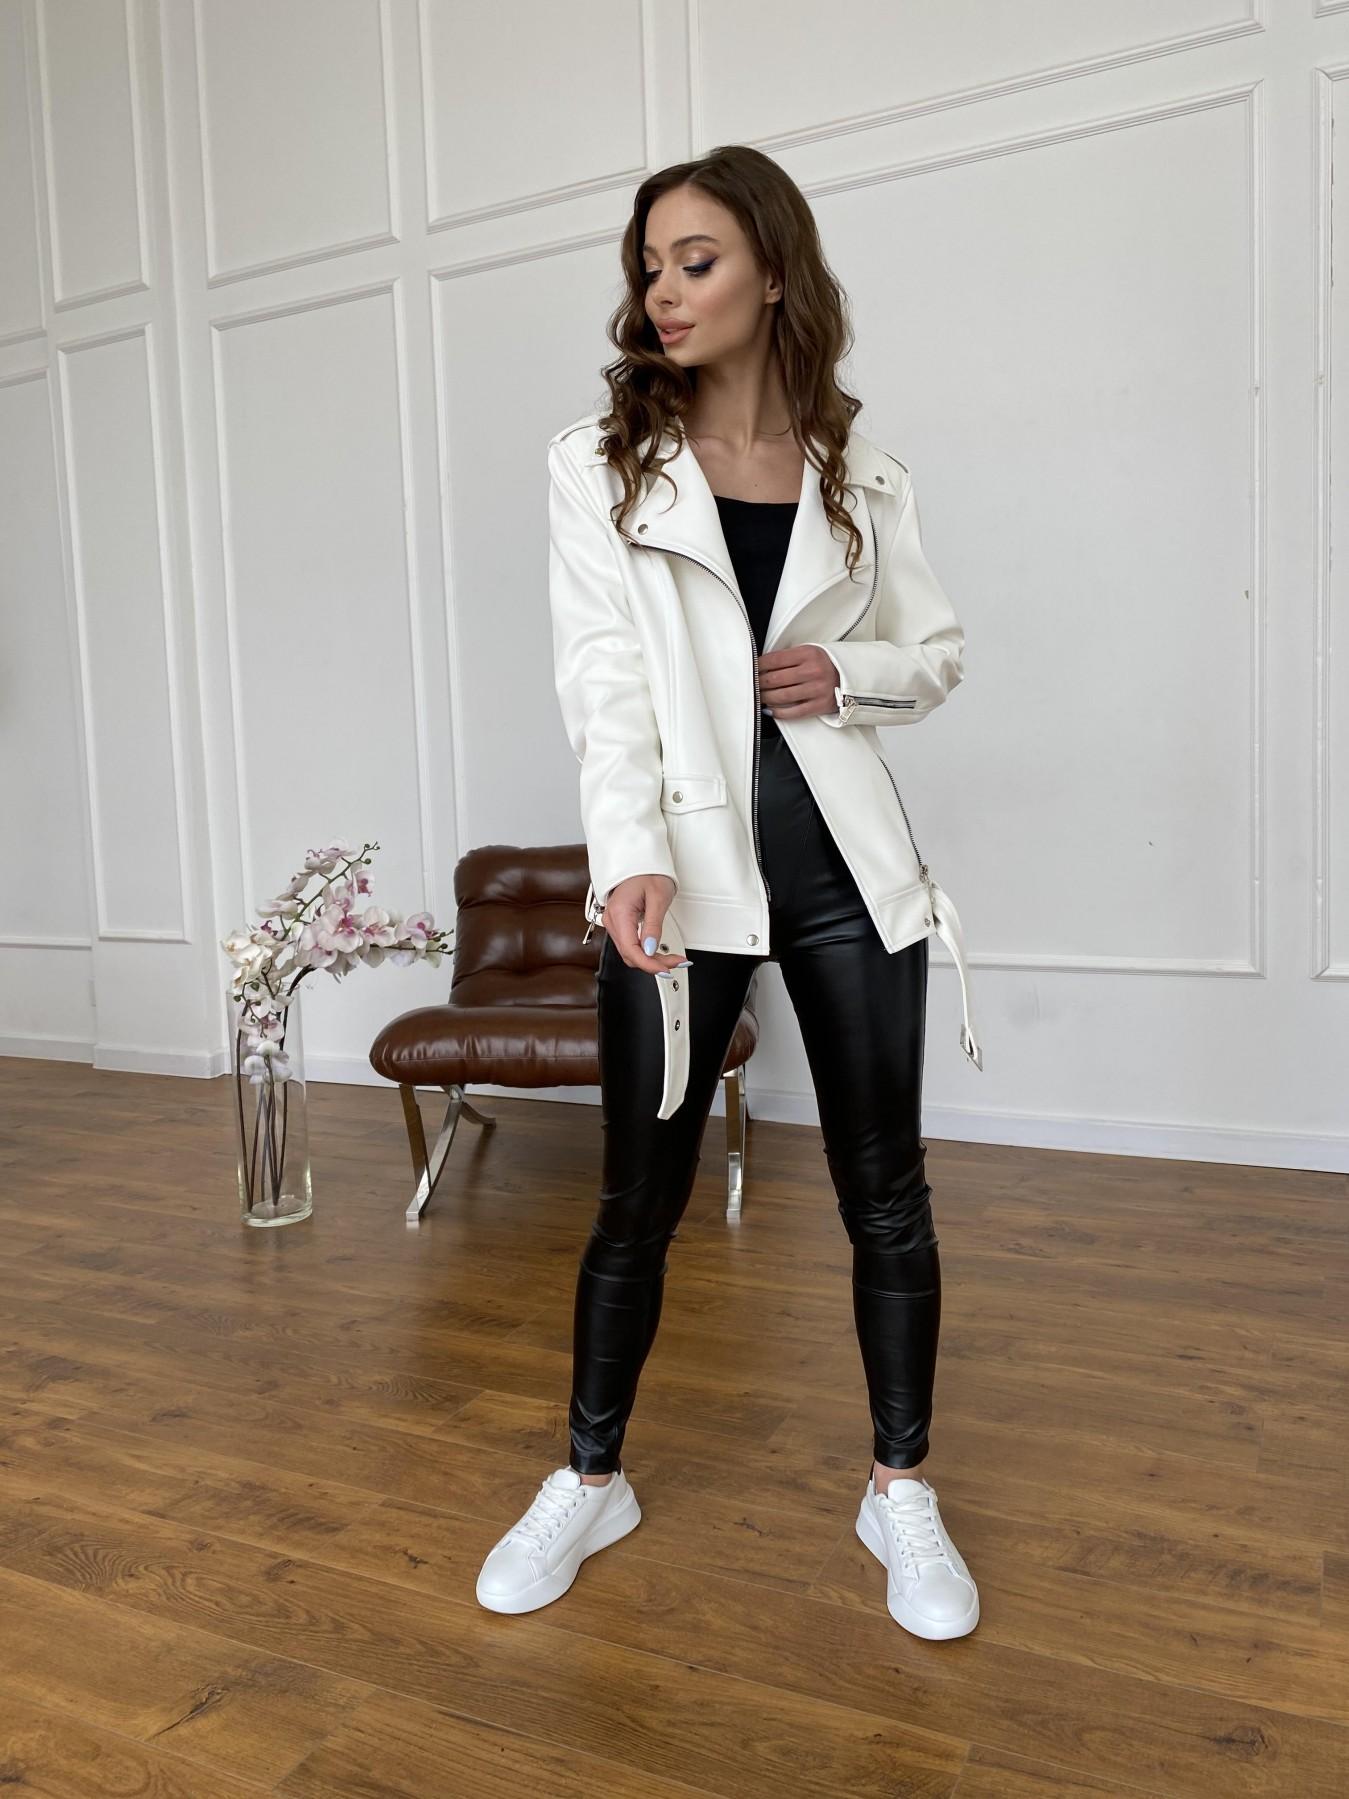 Босс куртка из экокожи прокатанной  11173 АРТ. 47683 Цвет: Молоко - фото 6, интернет магазин tm-modus.ru